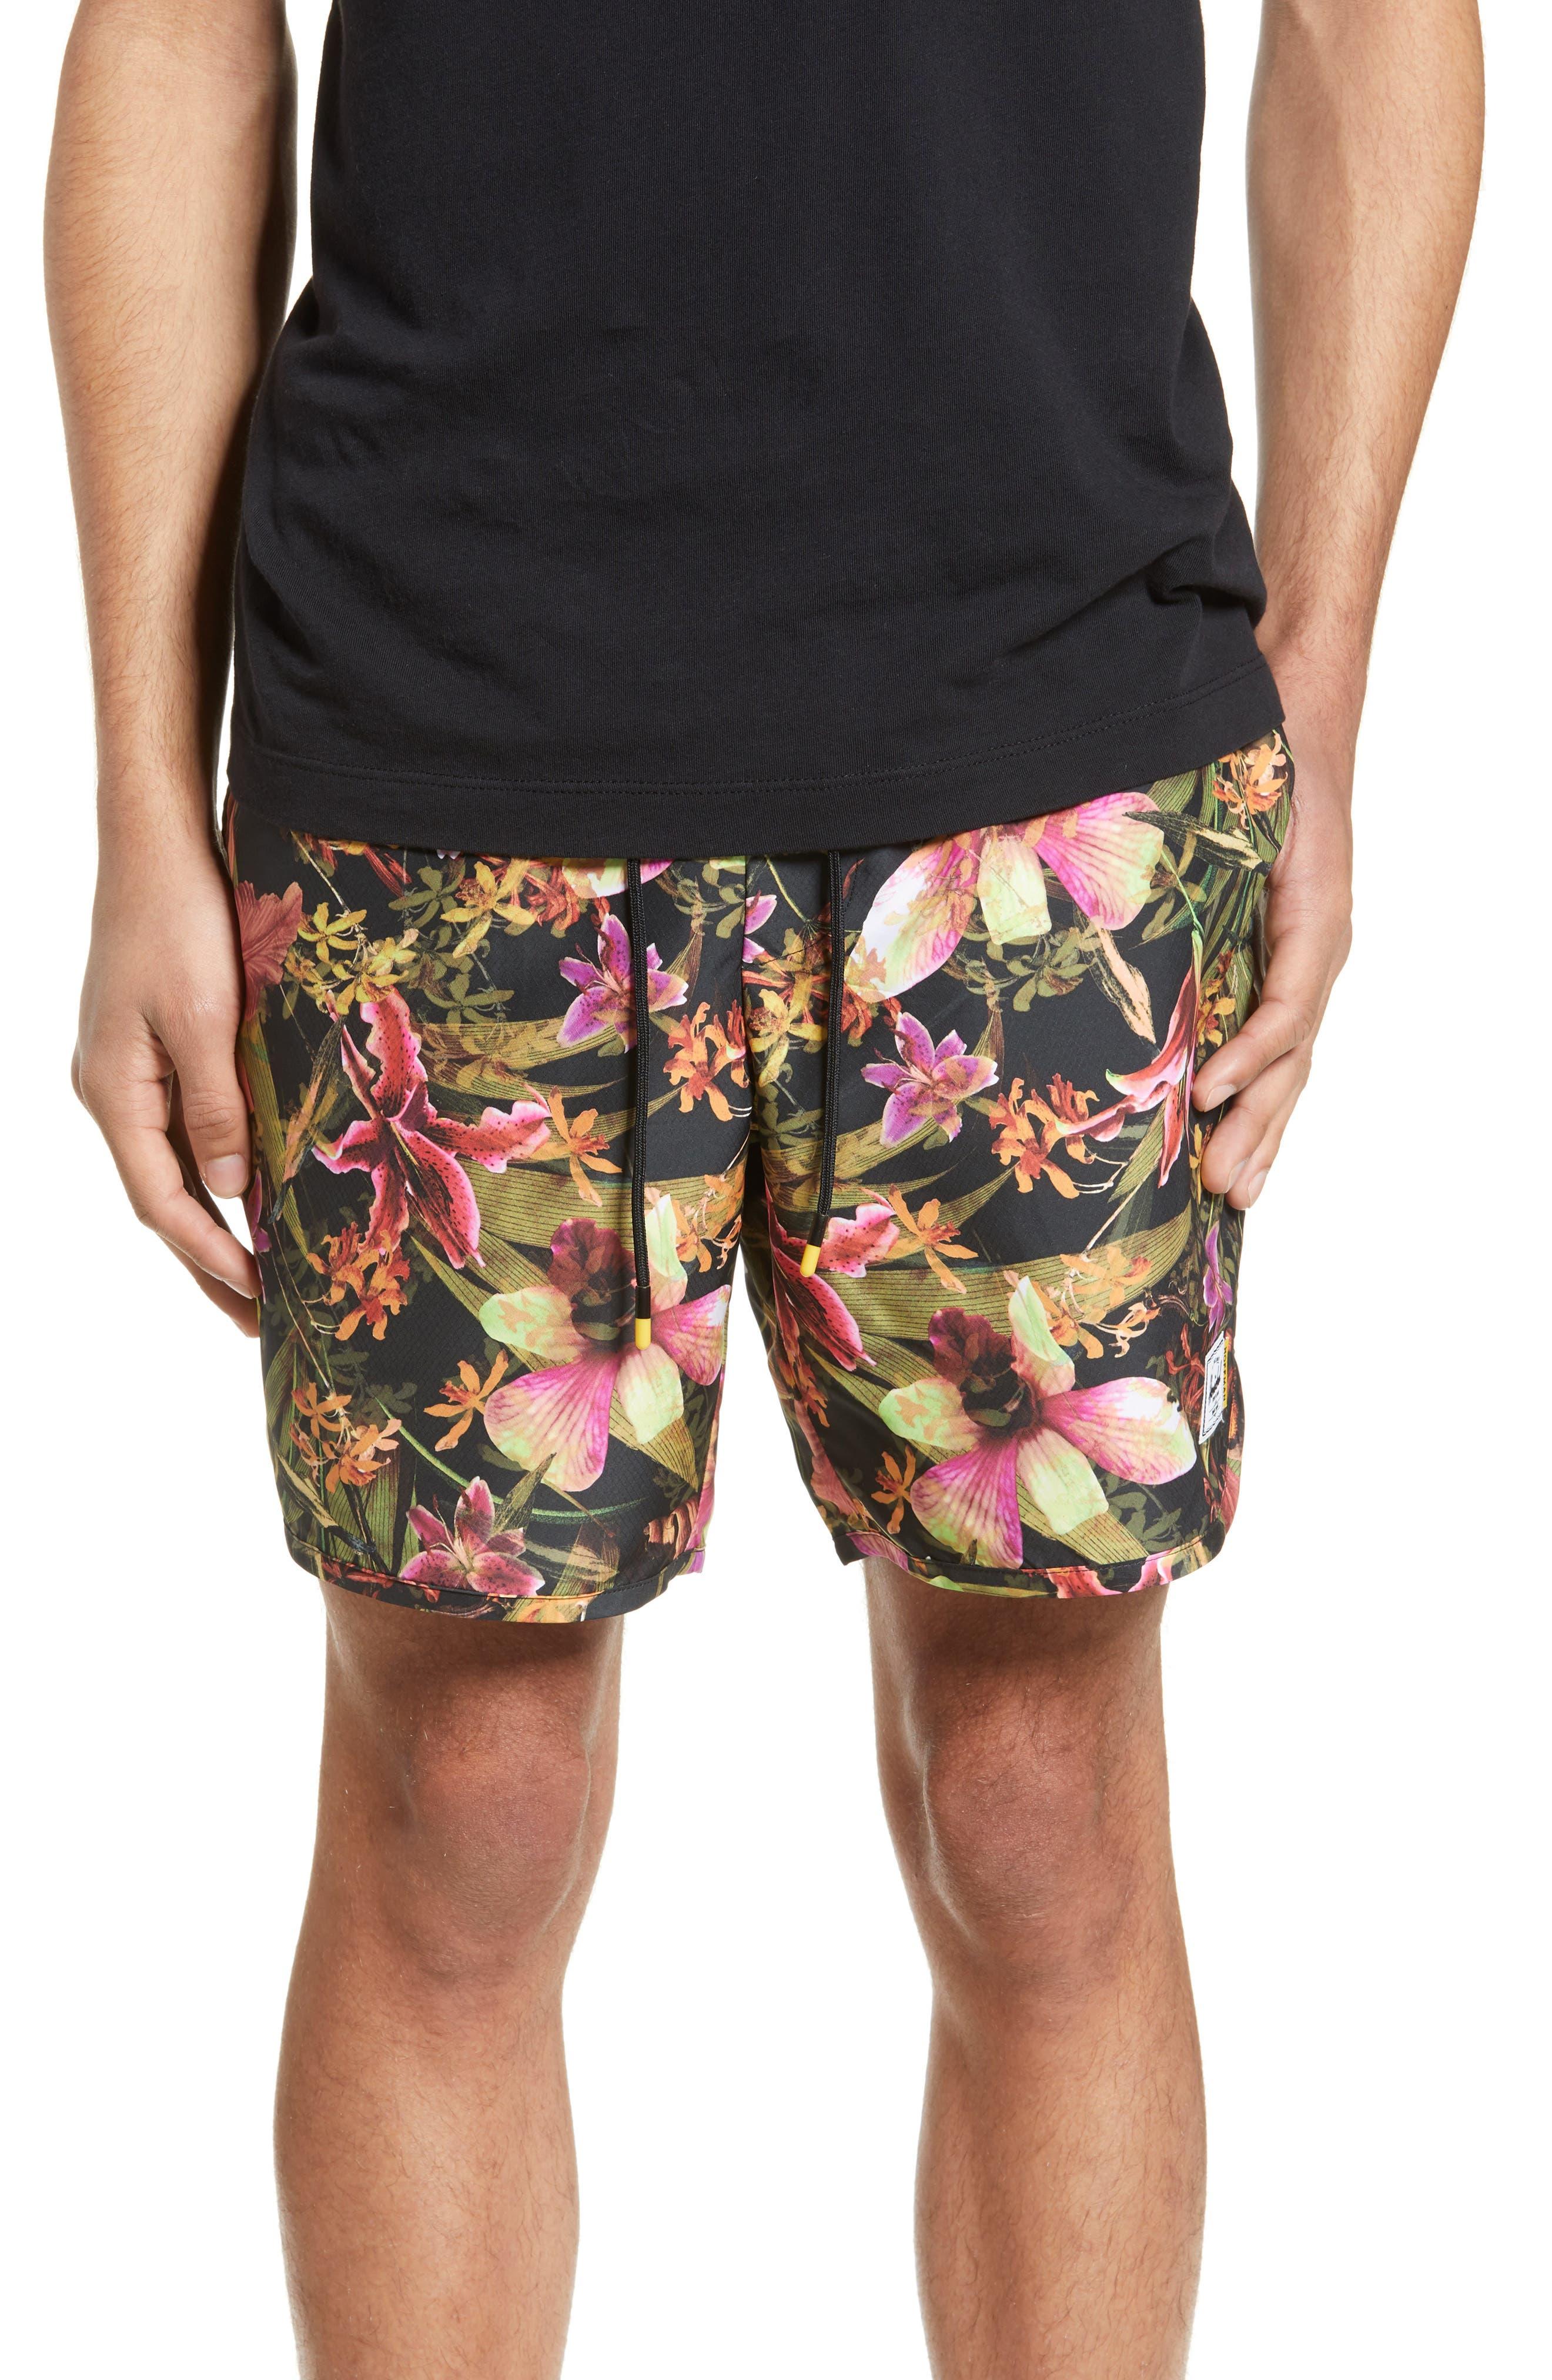 Herschel Supply Co. Voyage Alta Shorts, Pink